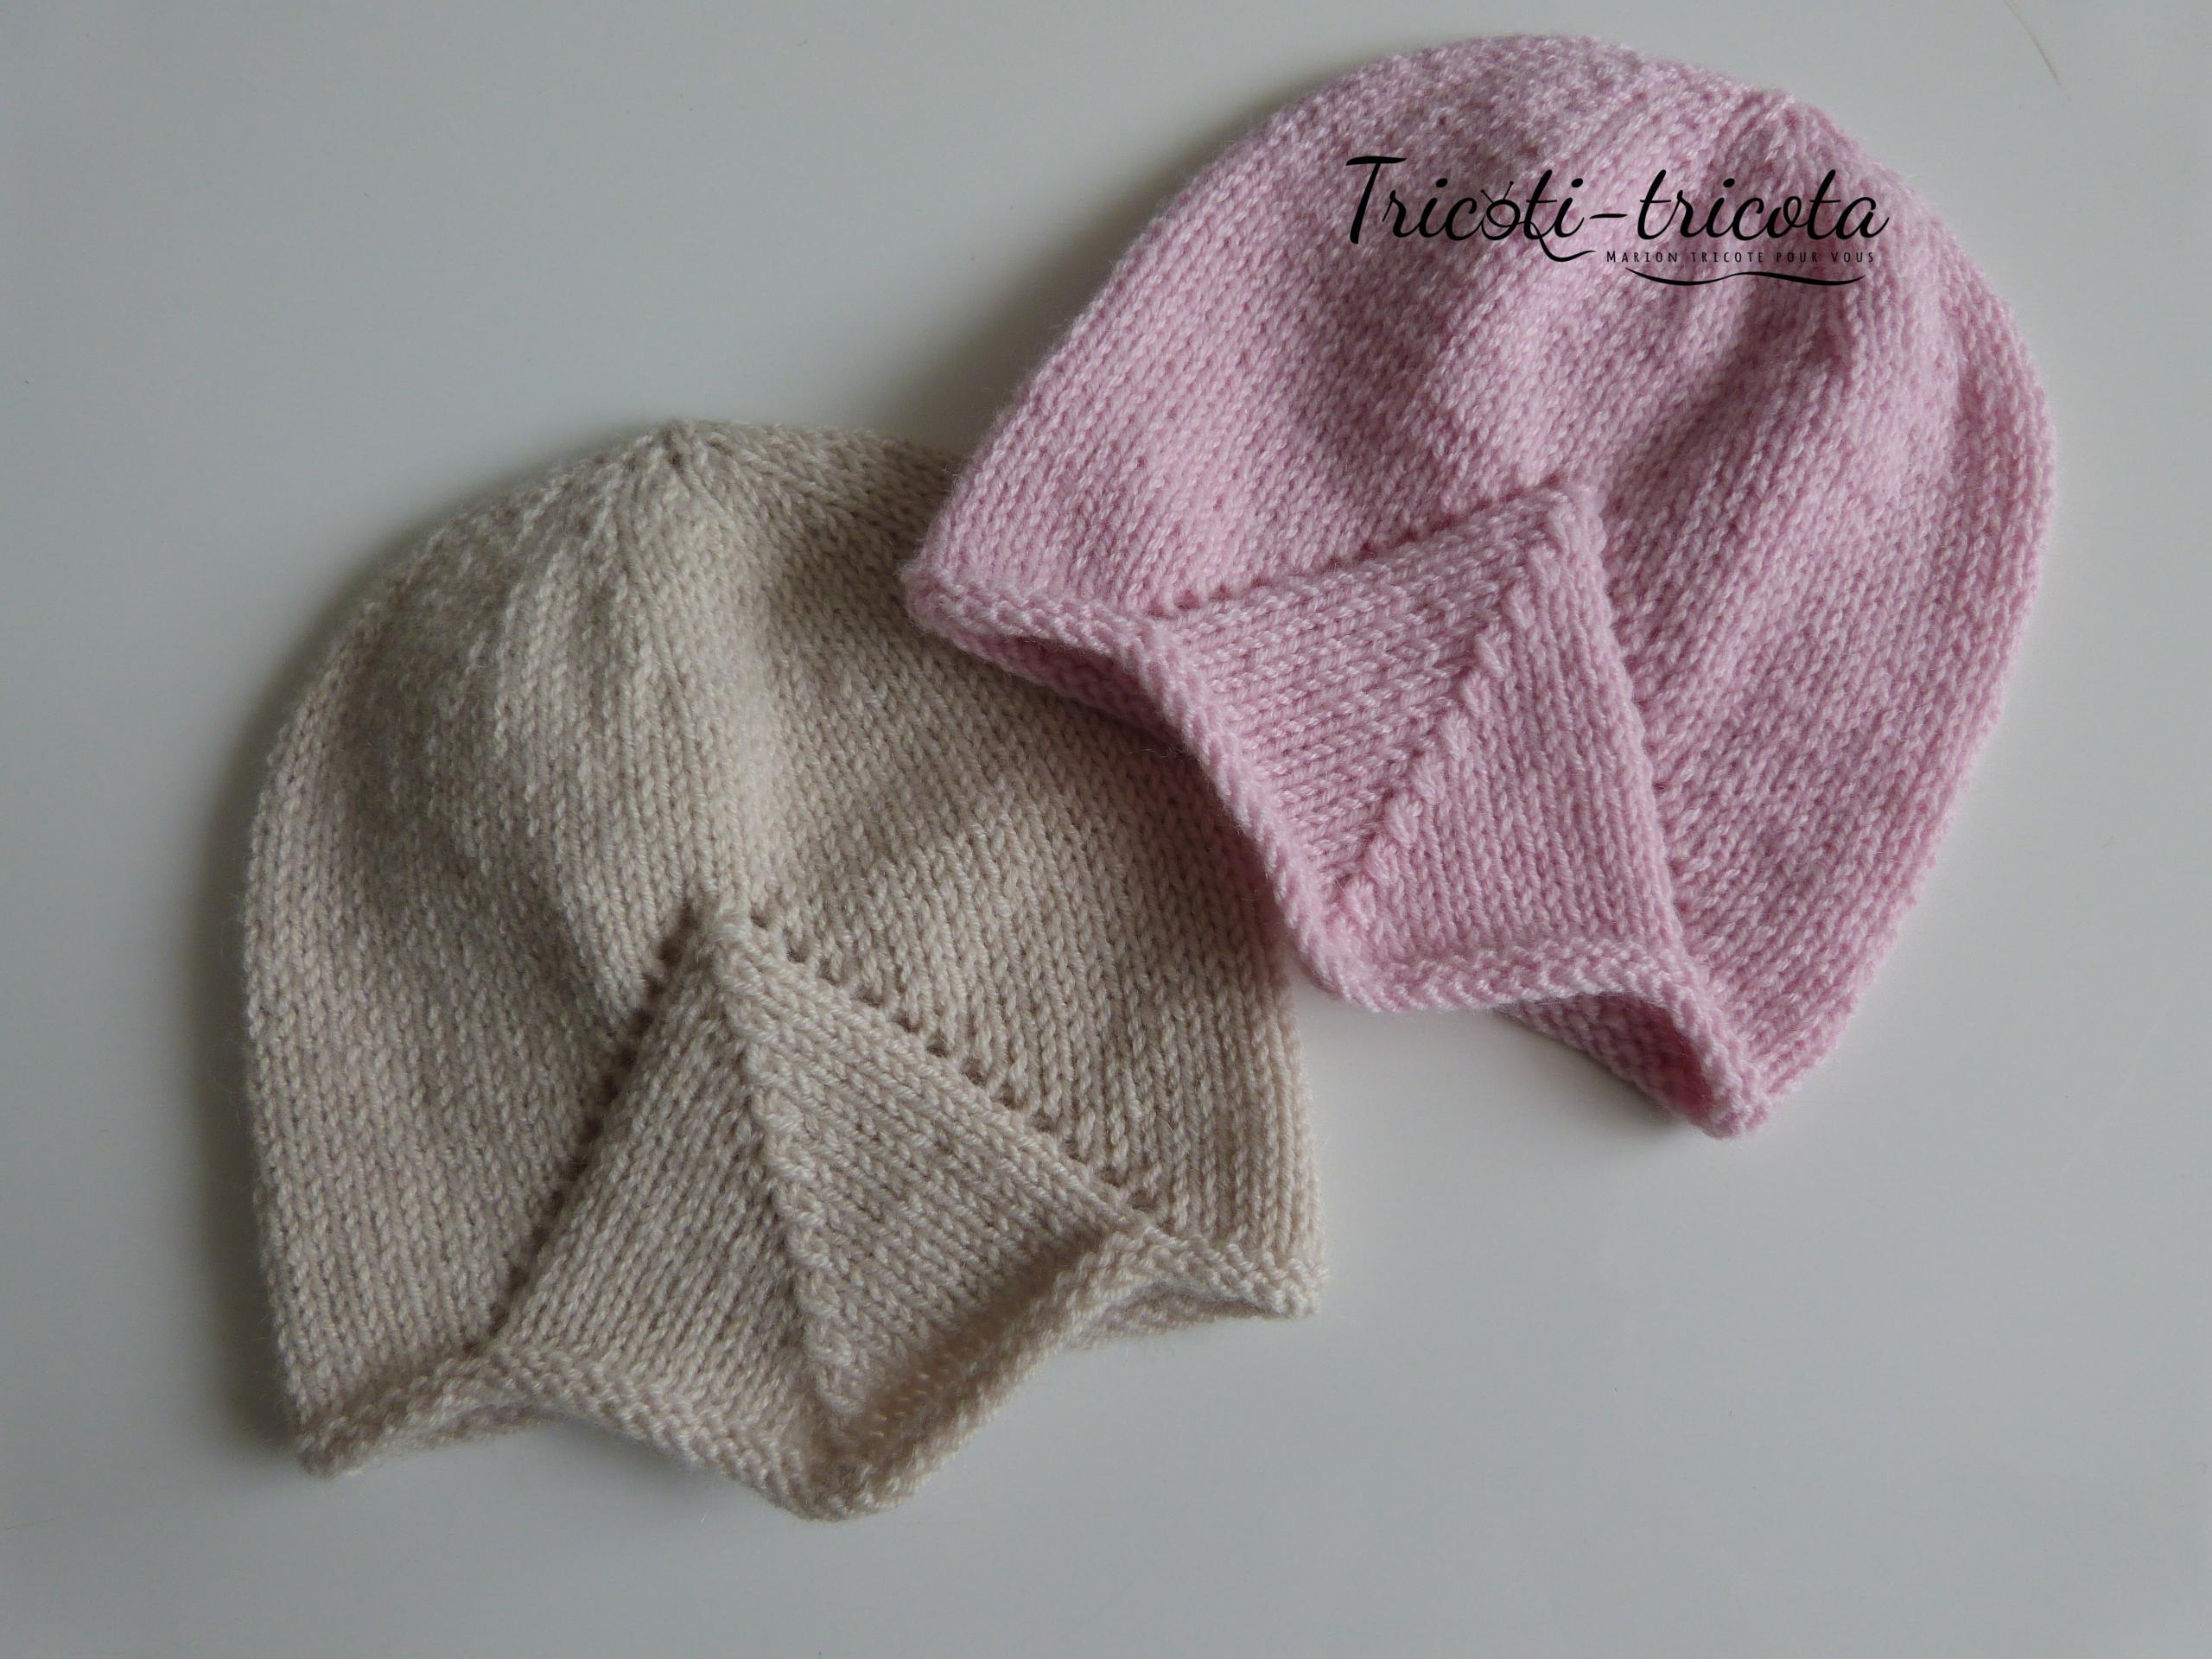 Future maman, vous êtes vers la fin de votre grossesse et dans la liste des  vêtements de bébé à apporter à la maternité il y a le fameux bonnet pour ... 715e349f509